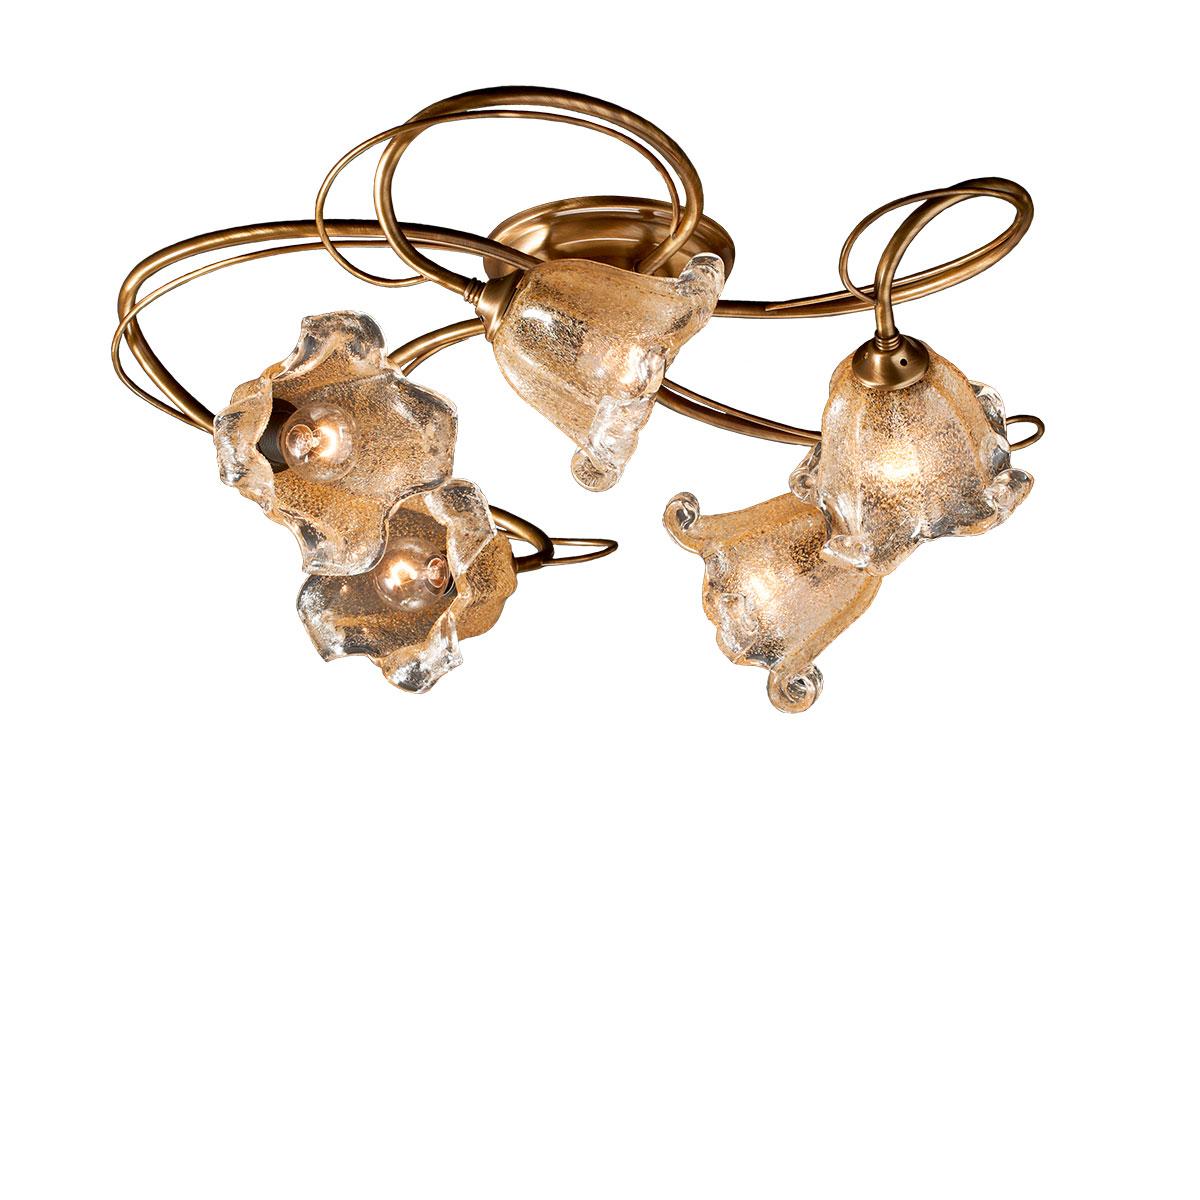 Φωτιστικό οροφής με κρύσταλλα Murano ΝΥΜΦΑΙΟ classic 5-bulb ceiling lamp with Murano crystals